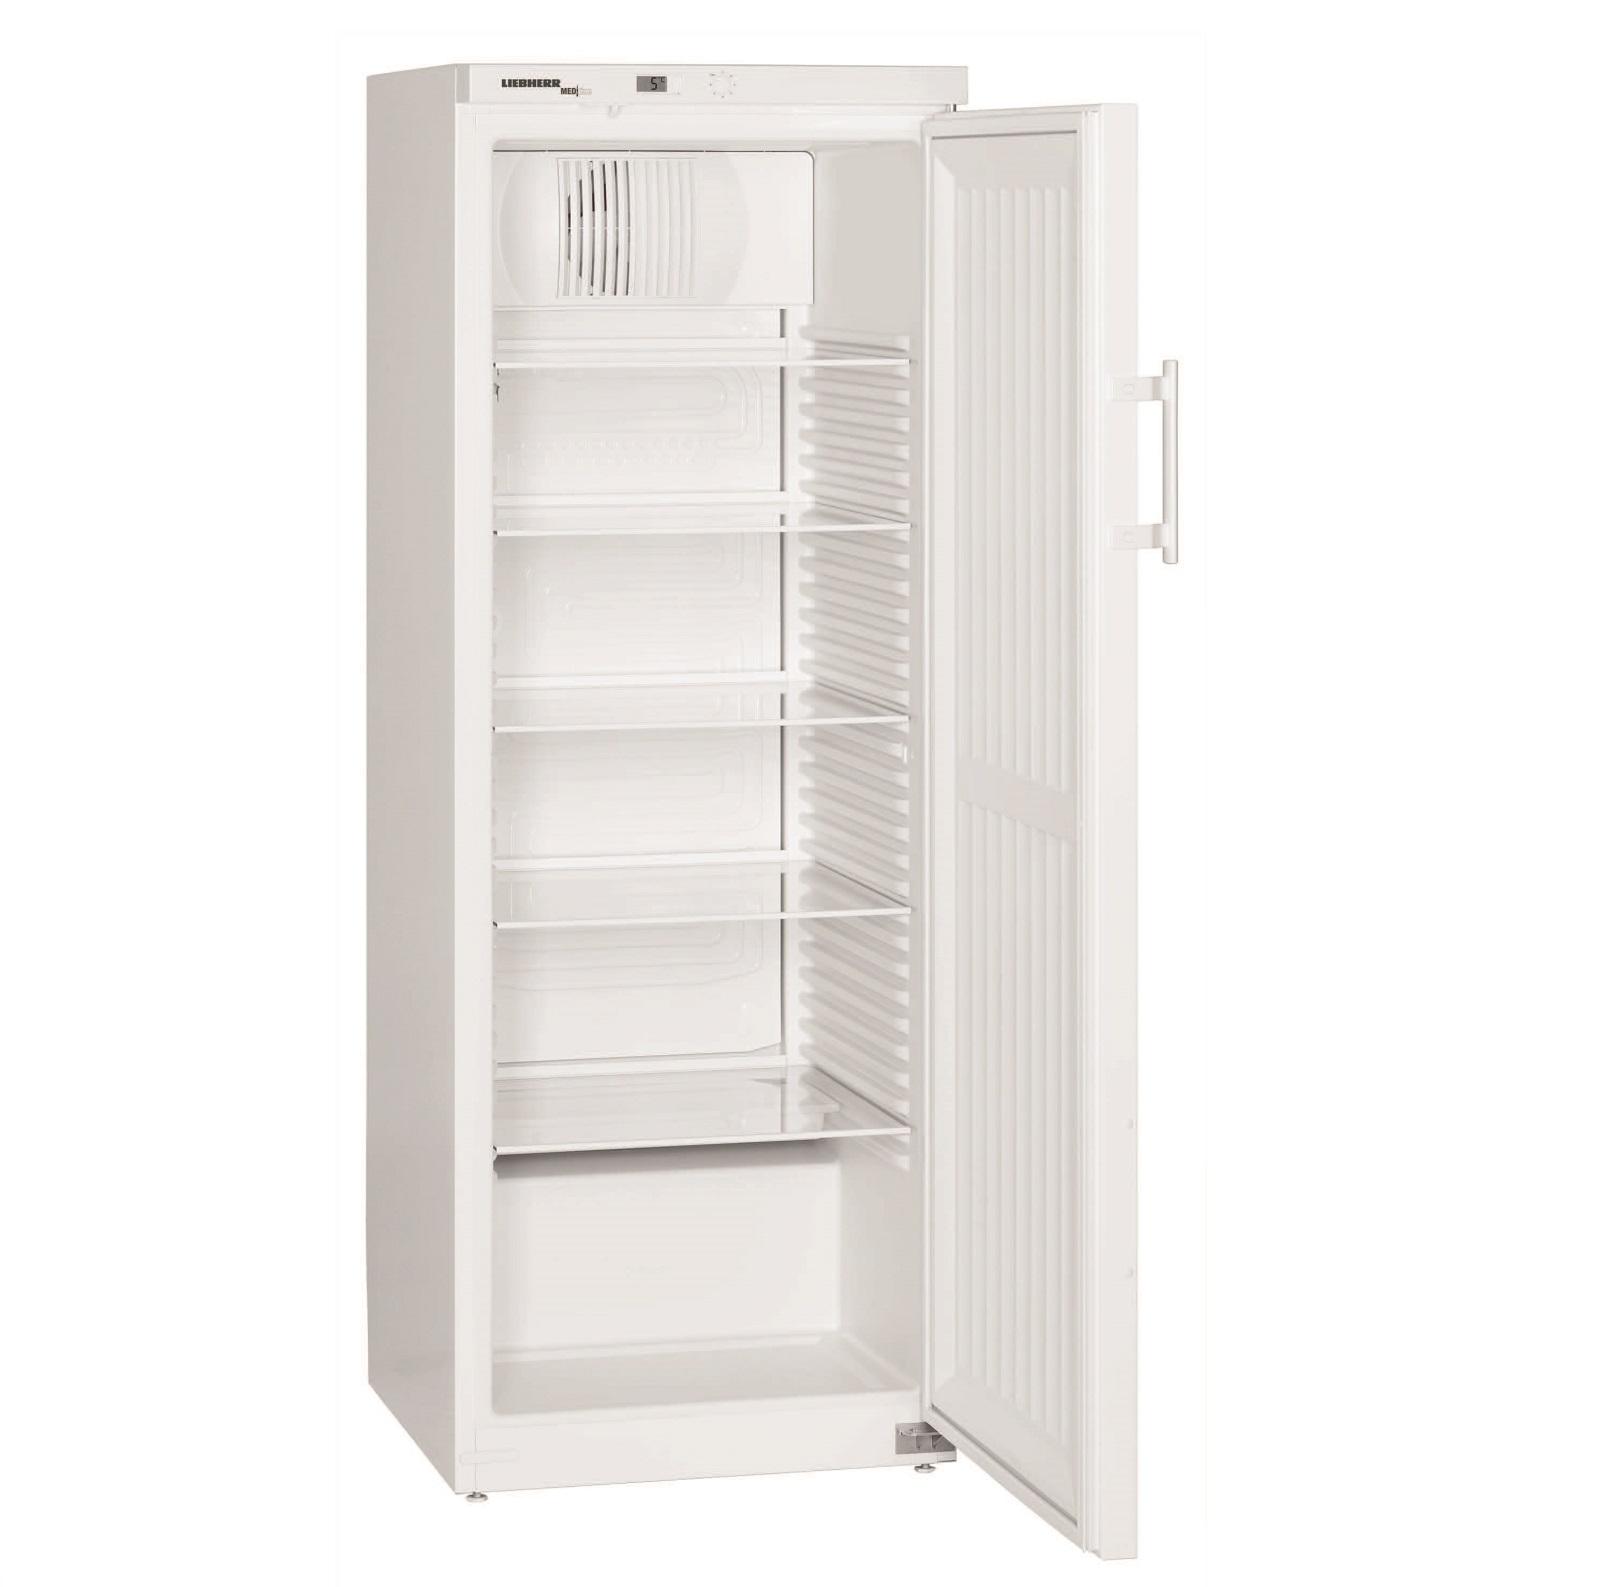 купить Лабораторный холодильный шкаф Liebherr LKexv 3600 Украина фото 1